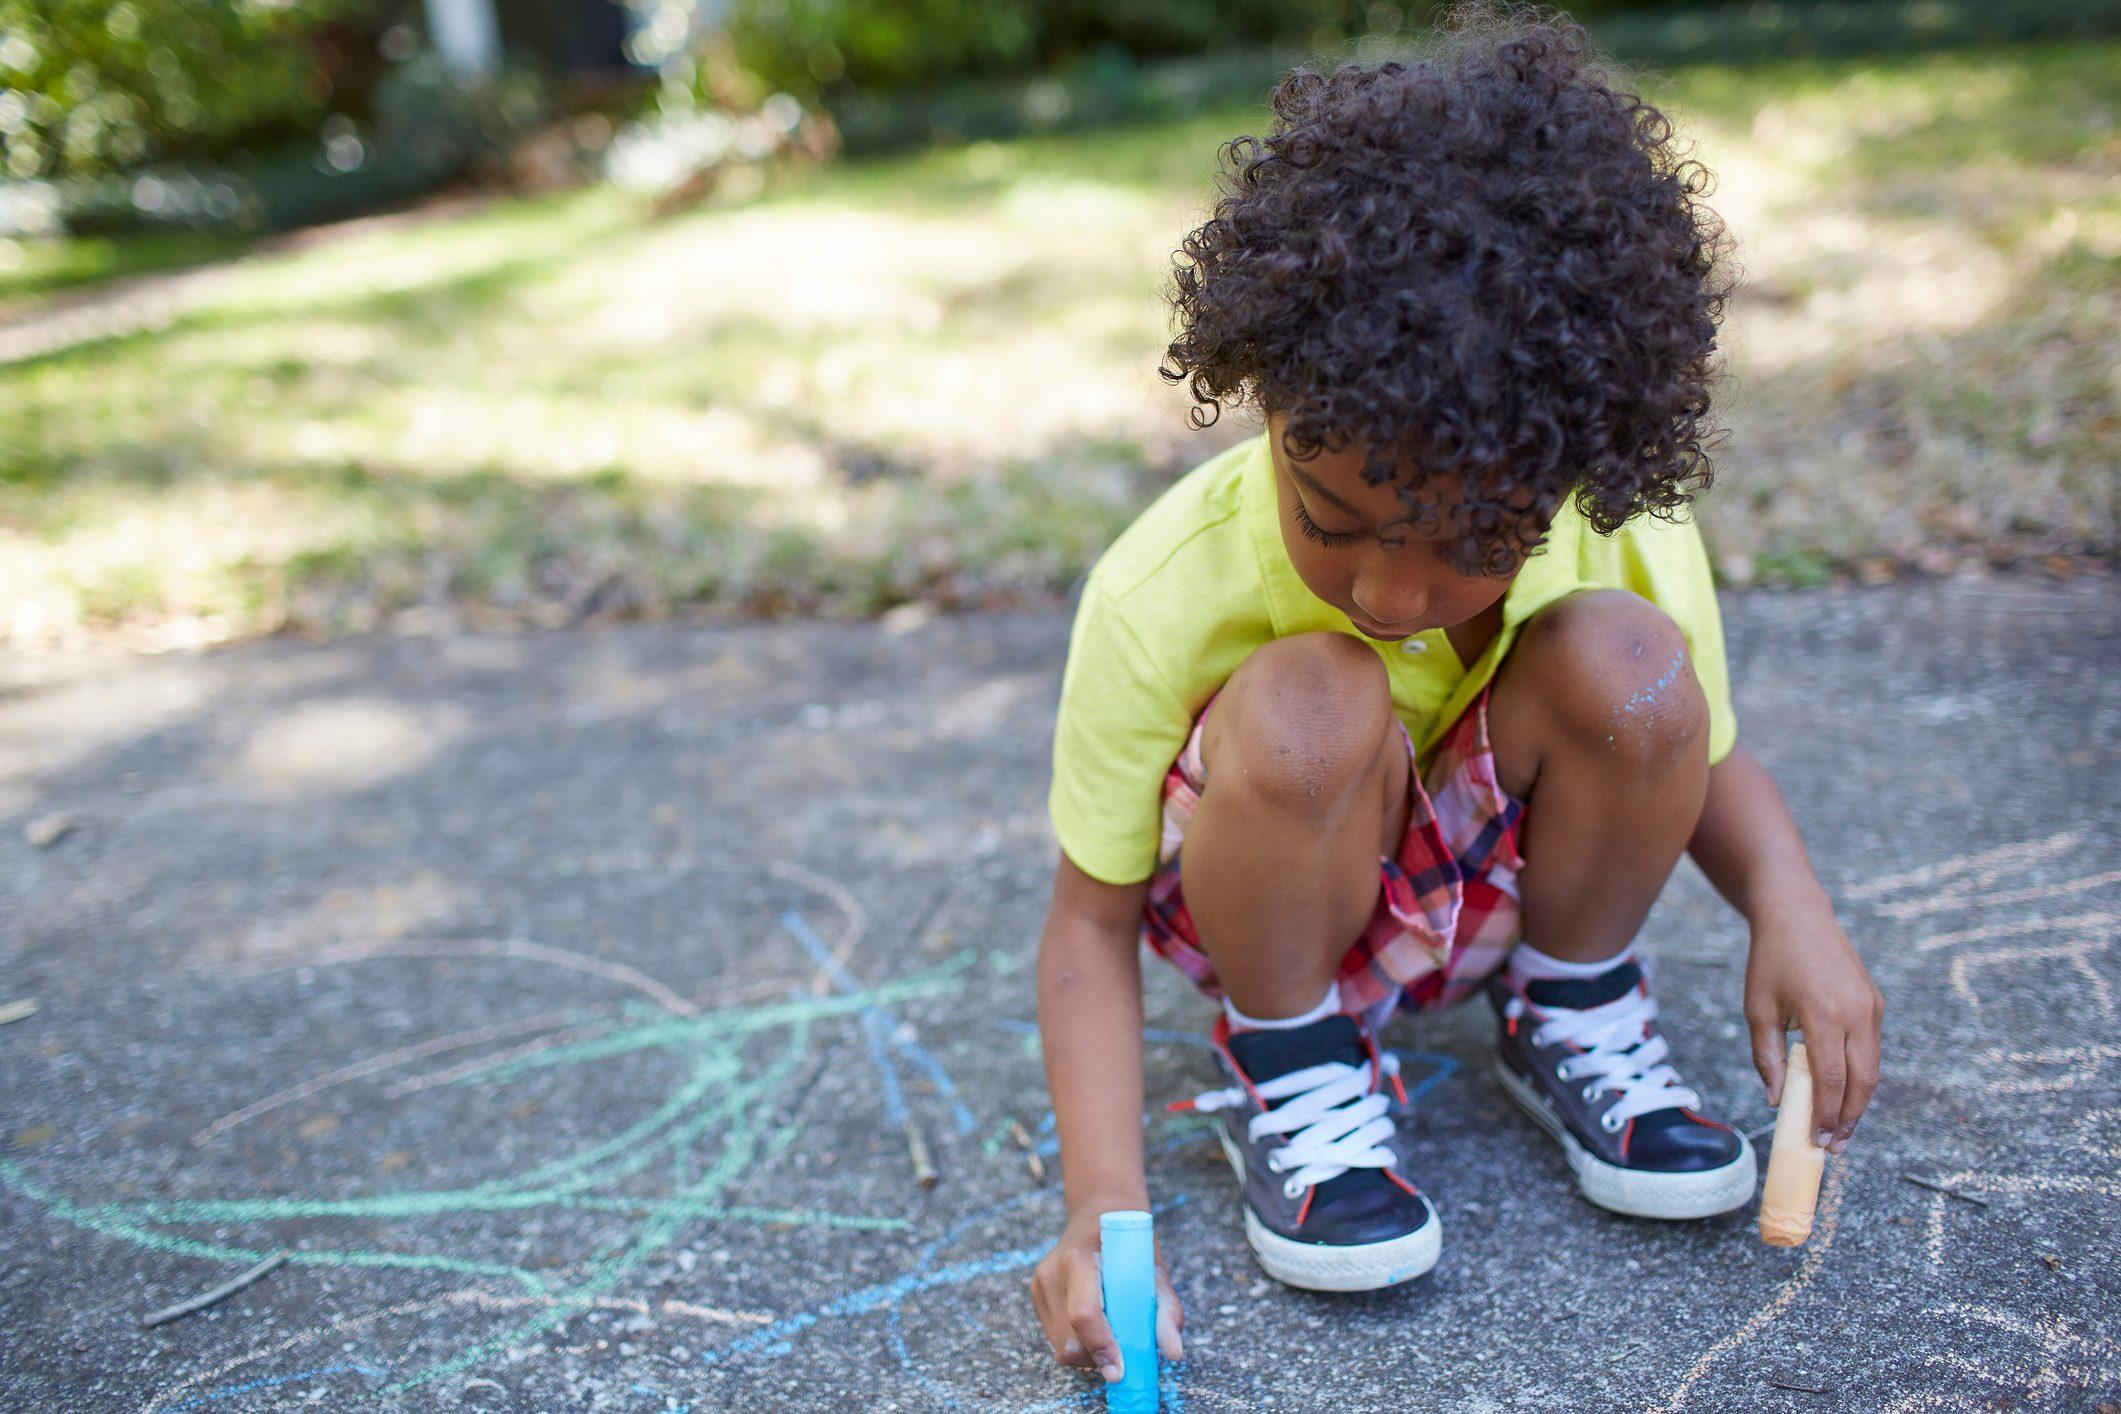 Boy drawing with chalk on sidewalk